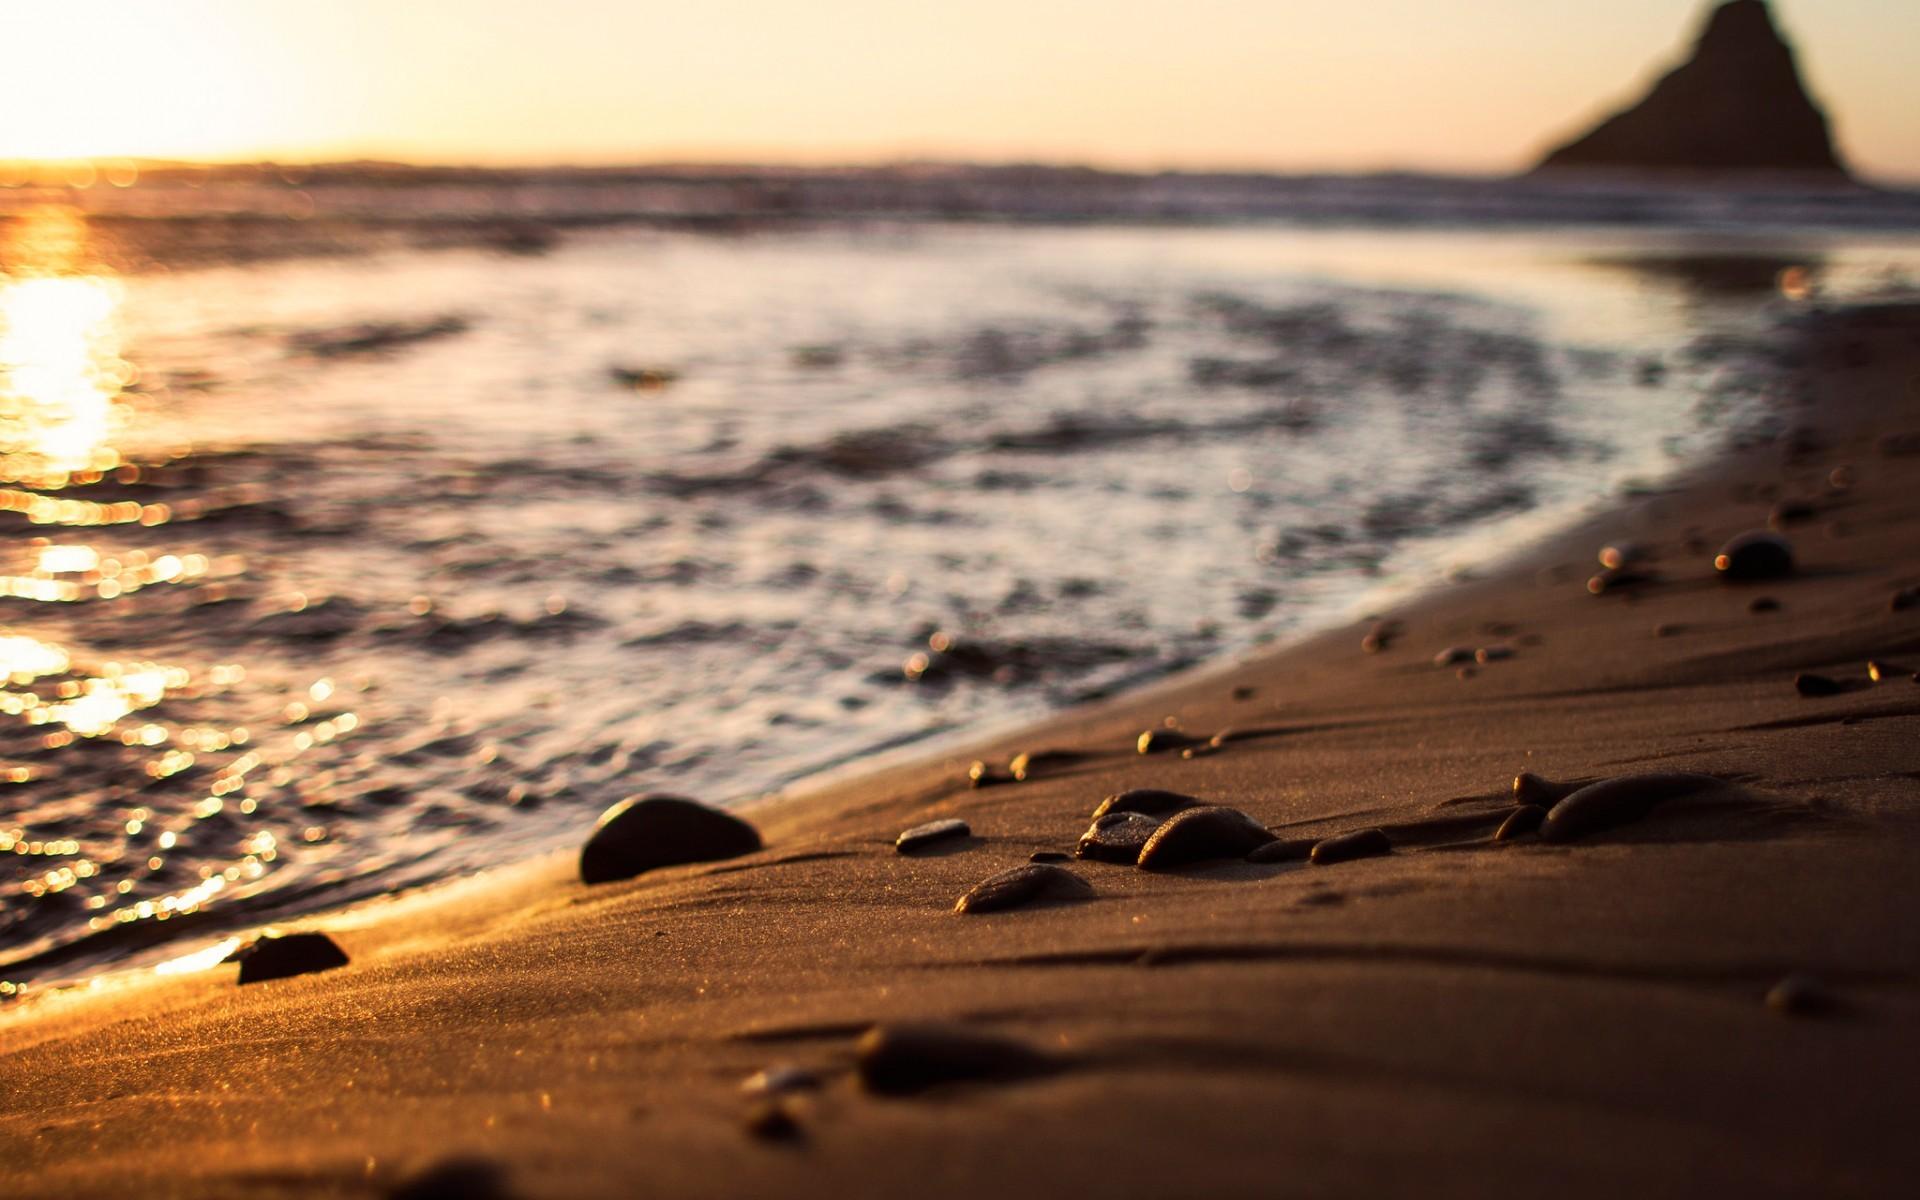 фото море солнце песок тигрят надолго одних